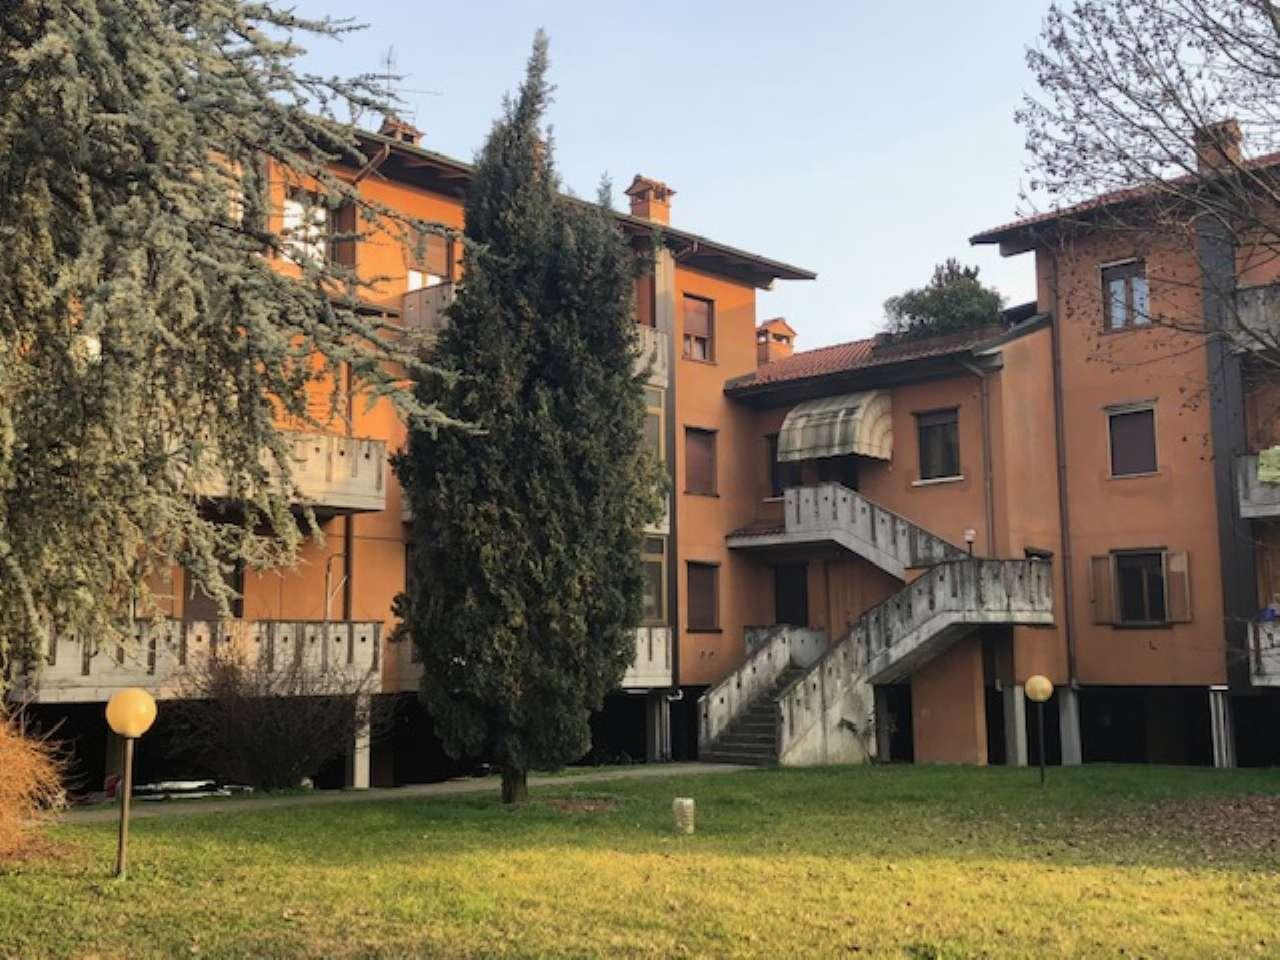 Appartamento in vendita a Dello, 3 locali, prezzo € 58.000 | PortaleAgenzieImmobiliari.it